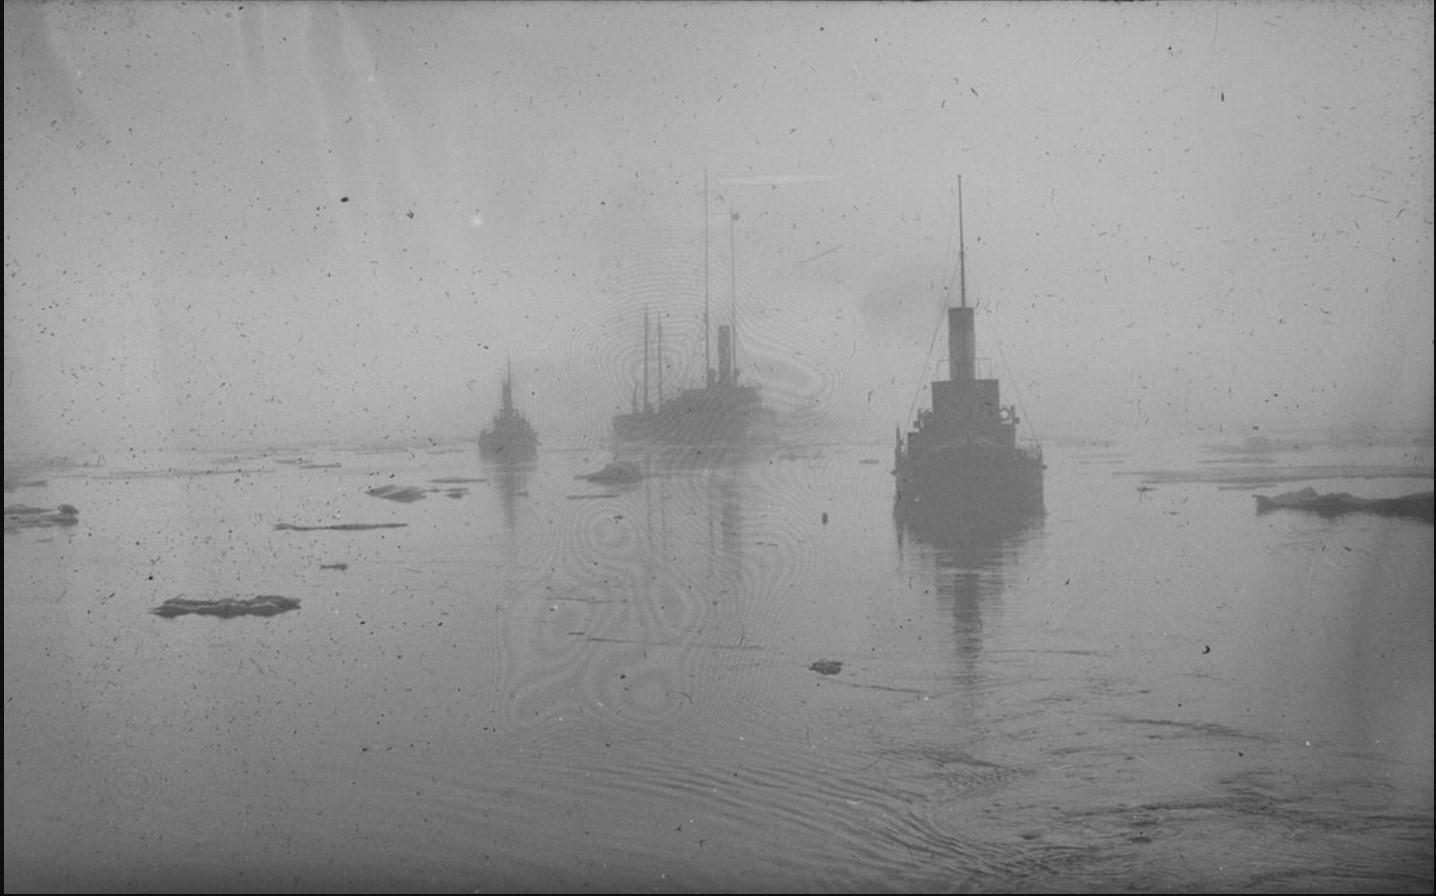 23 августа - 1 сентября 1914.Вид на караван судов в Карском море. На воде льдины